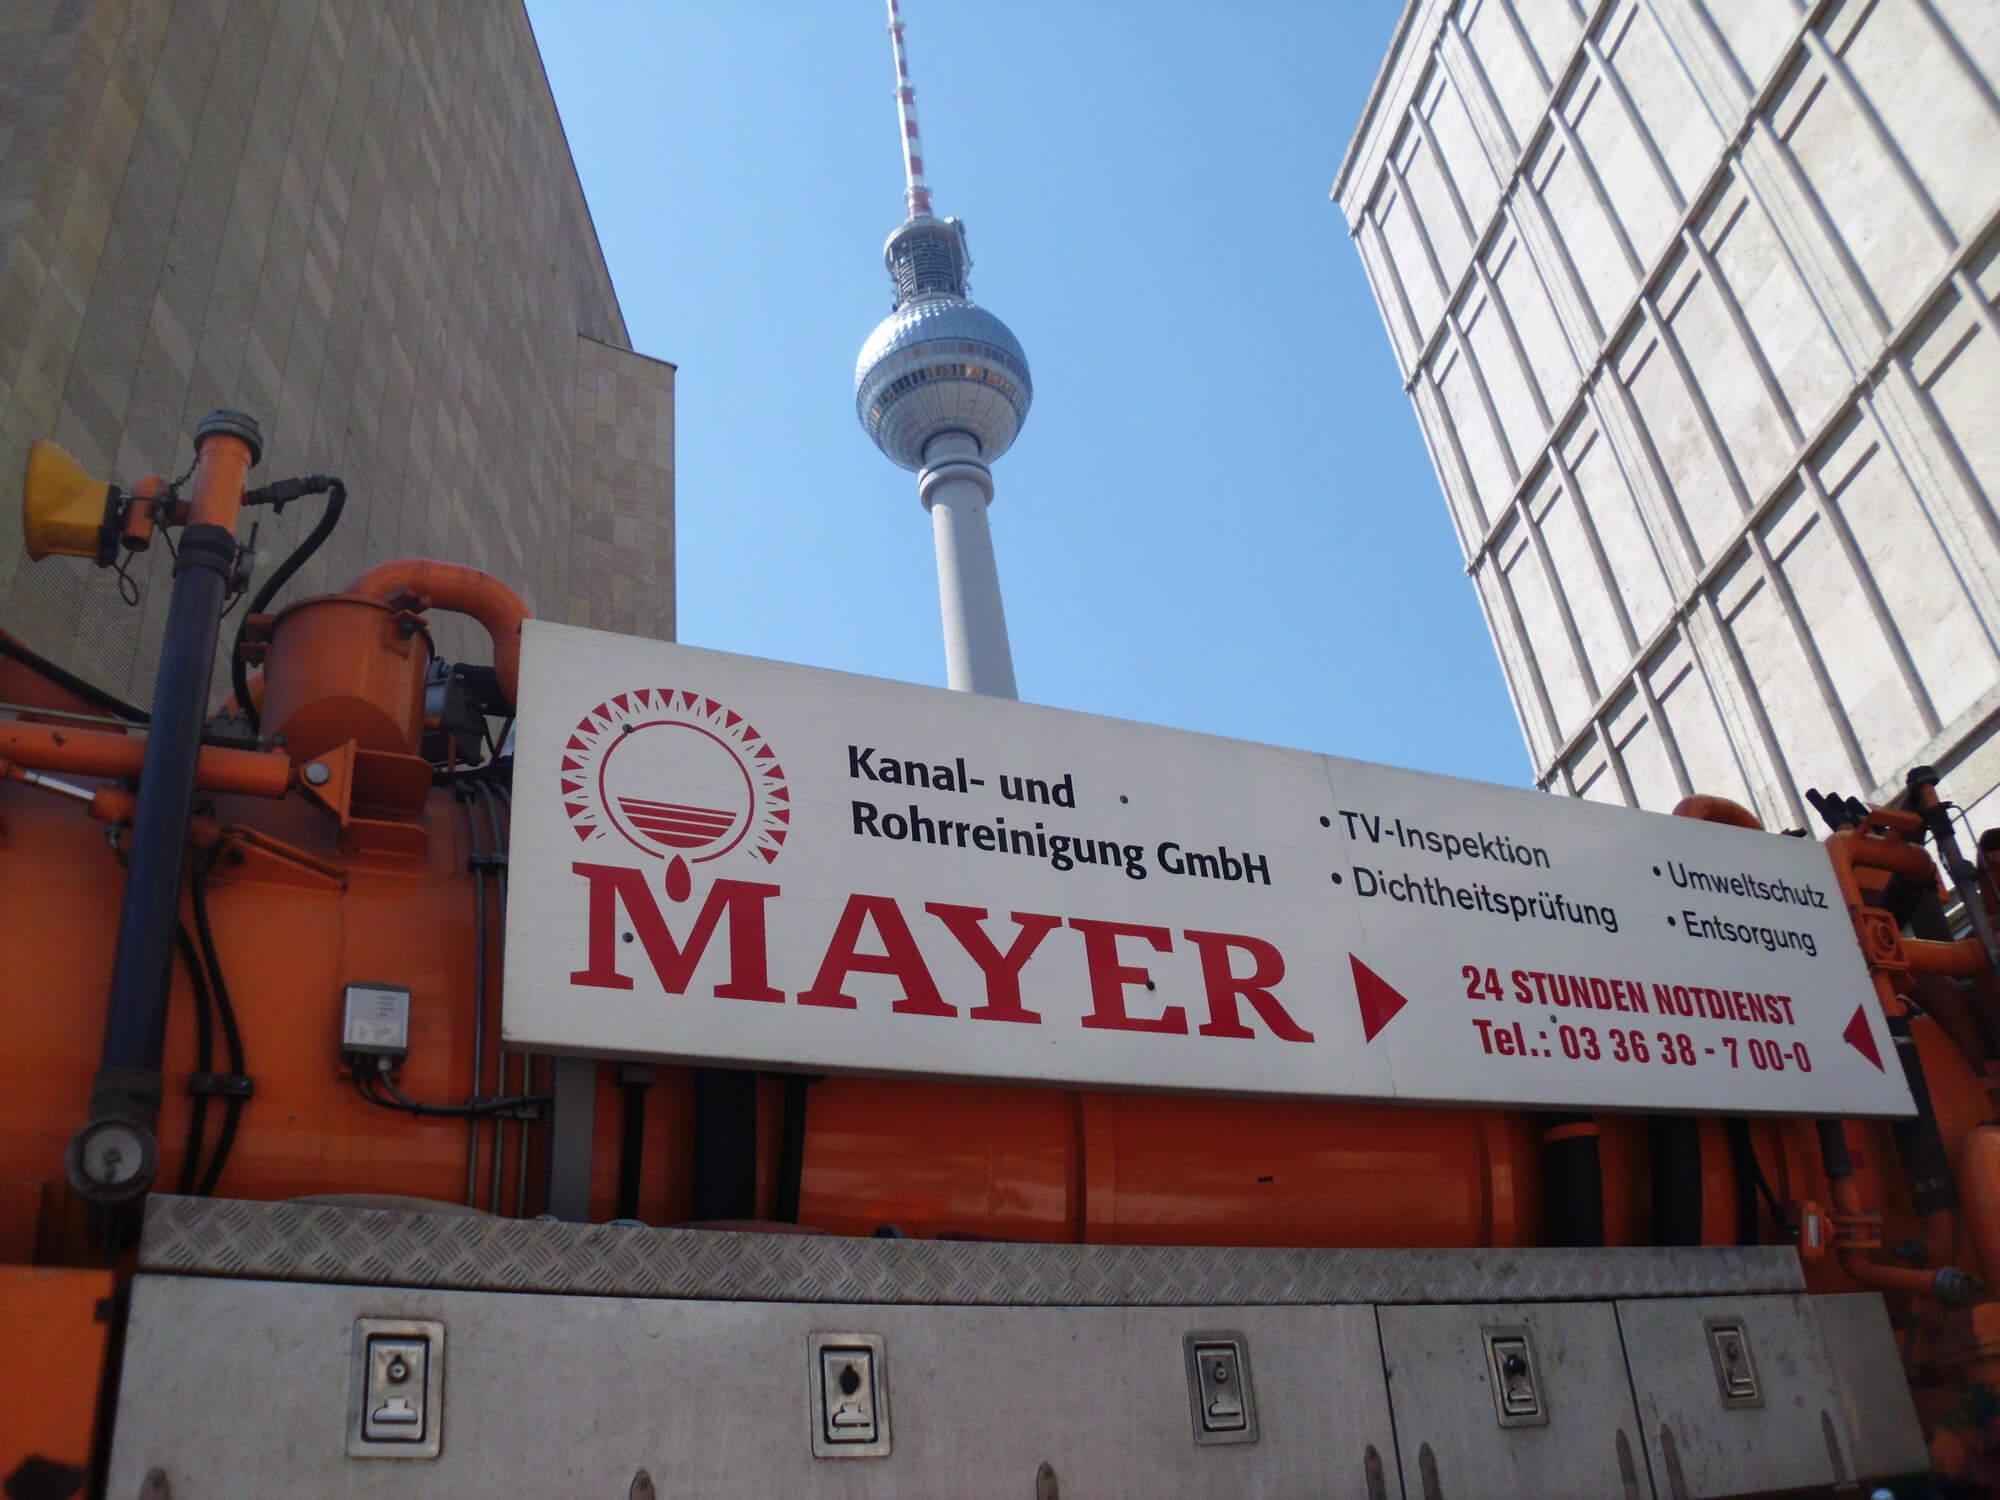 Ein Mayer Kanalmanegement Einsatzwagen vor dem Berliner Alexanderplatz